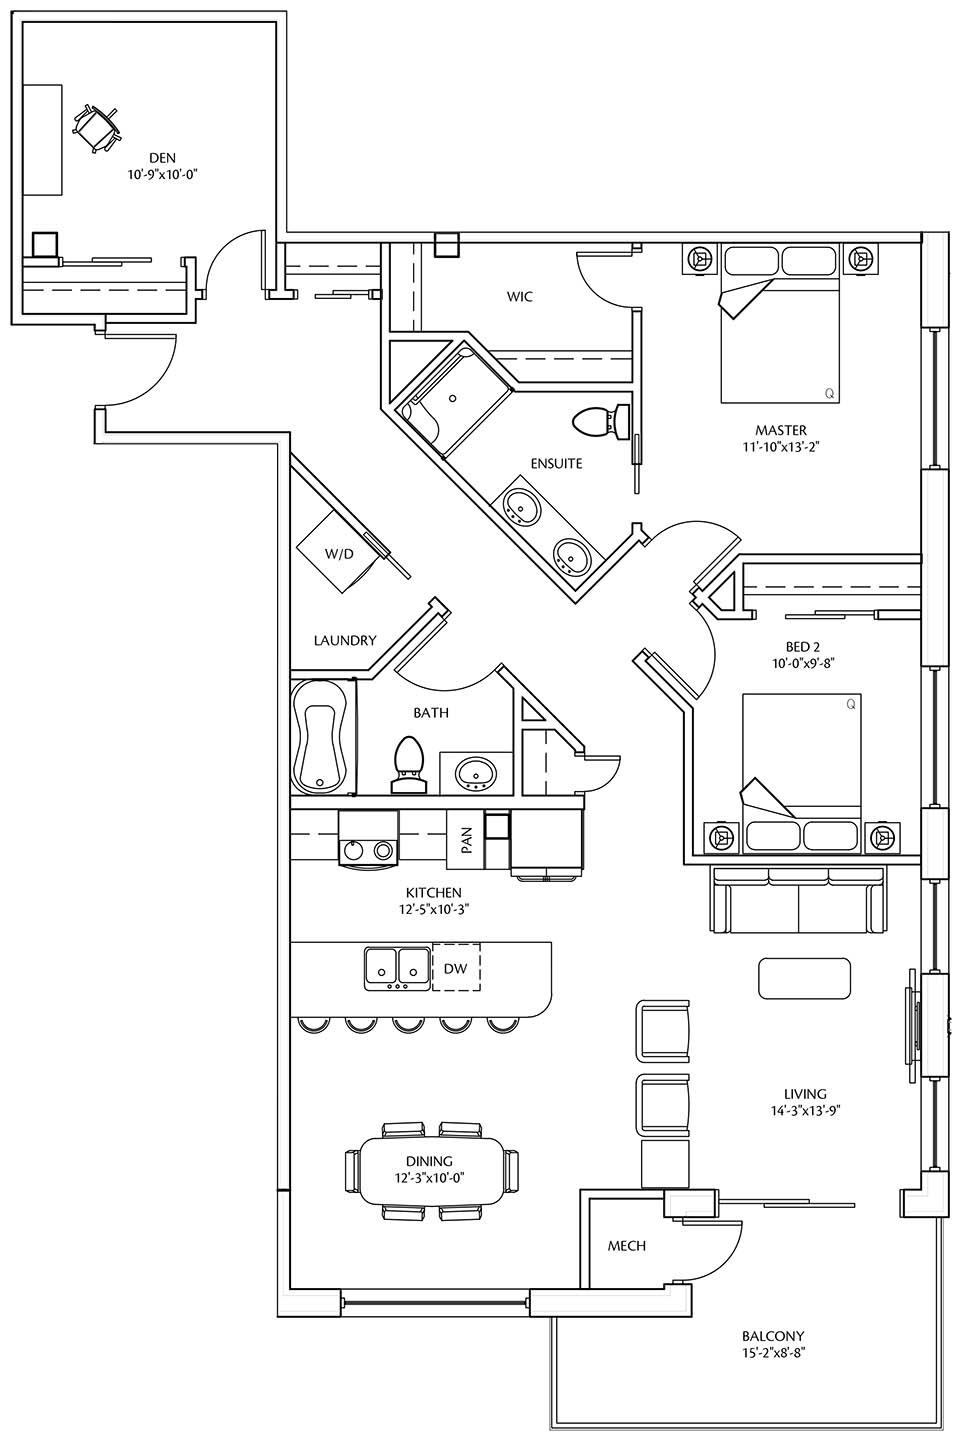 Suite B at LeParc